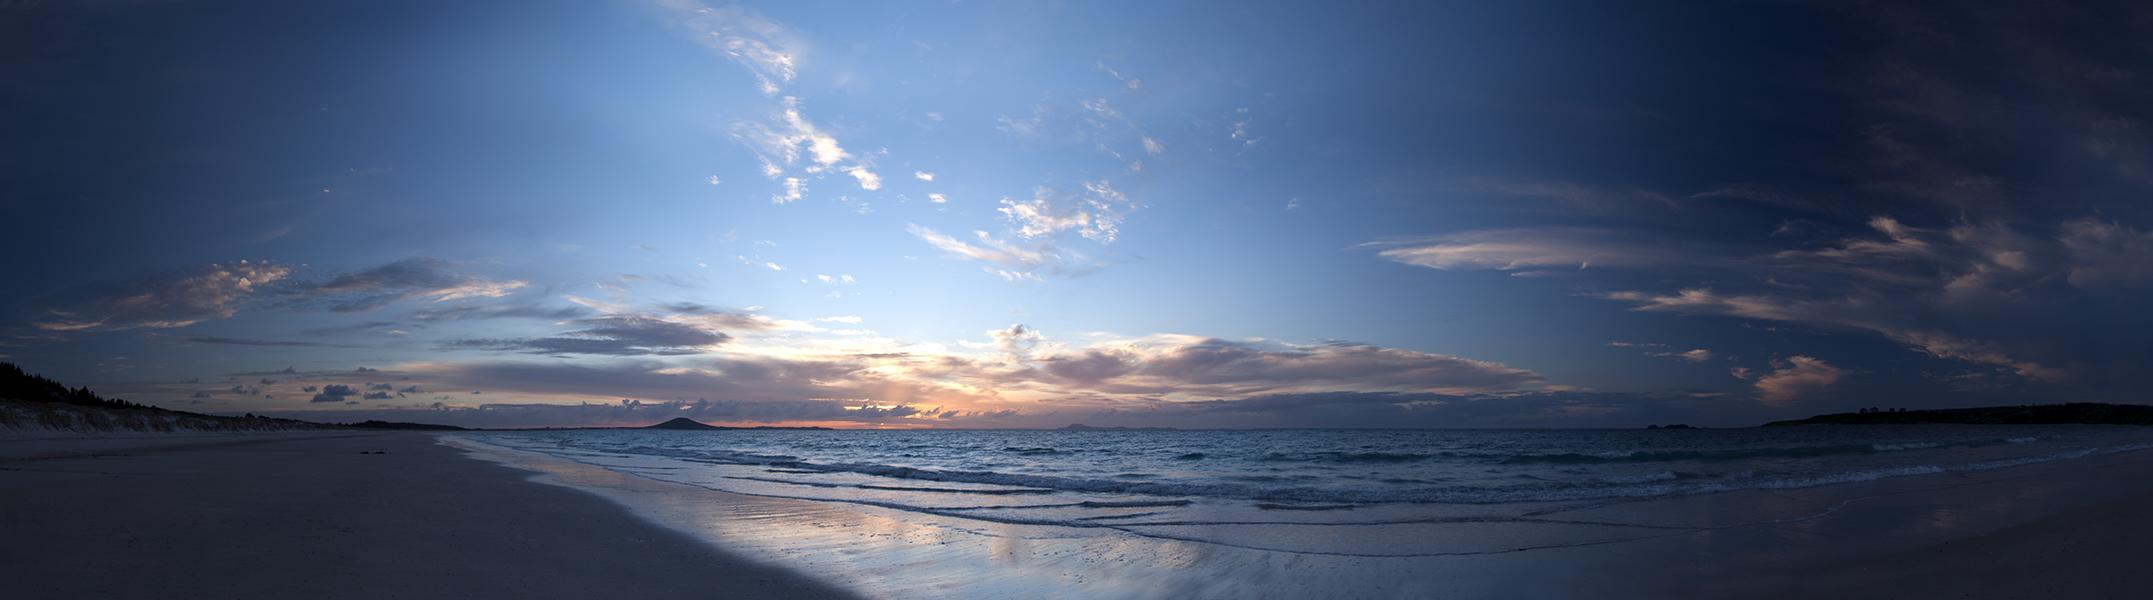 Keri Keri Peninsula Sunset